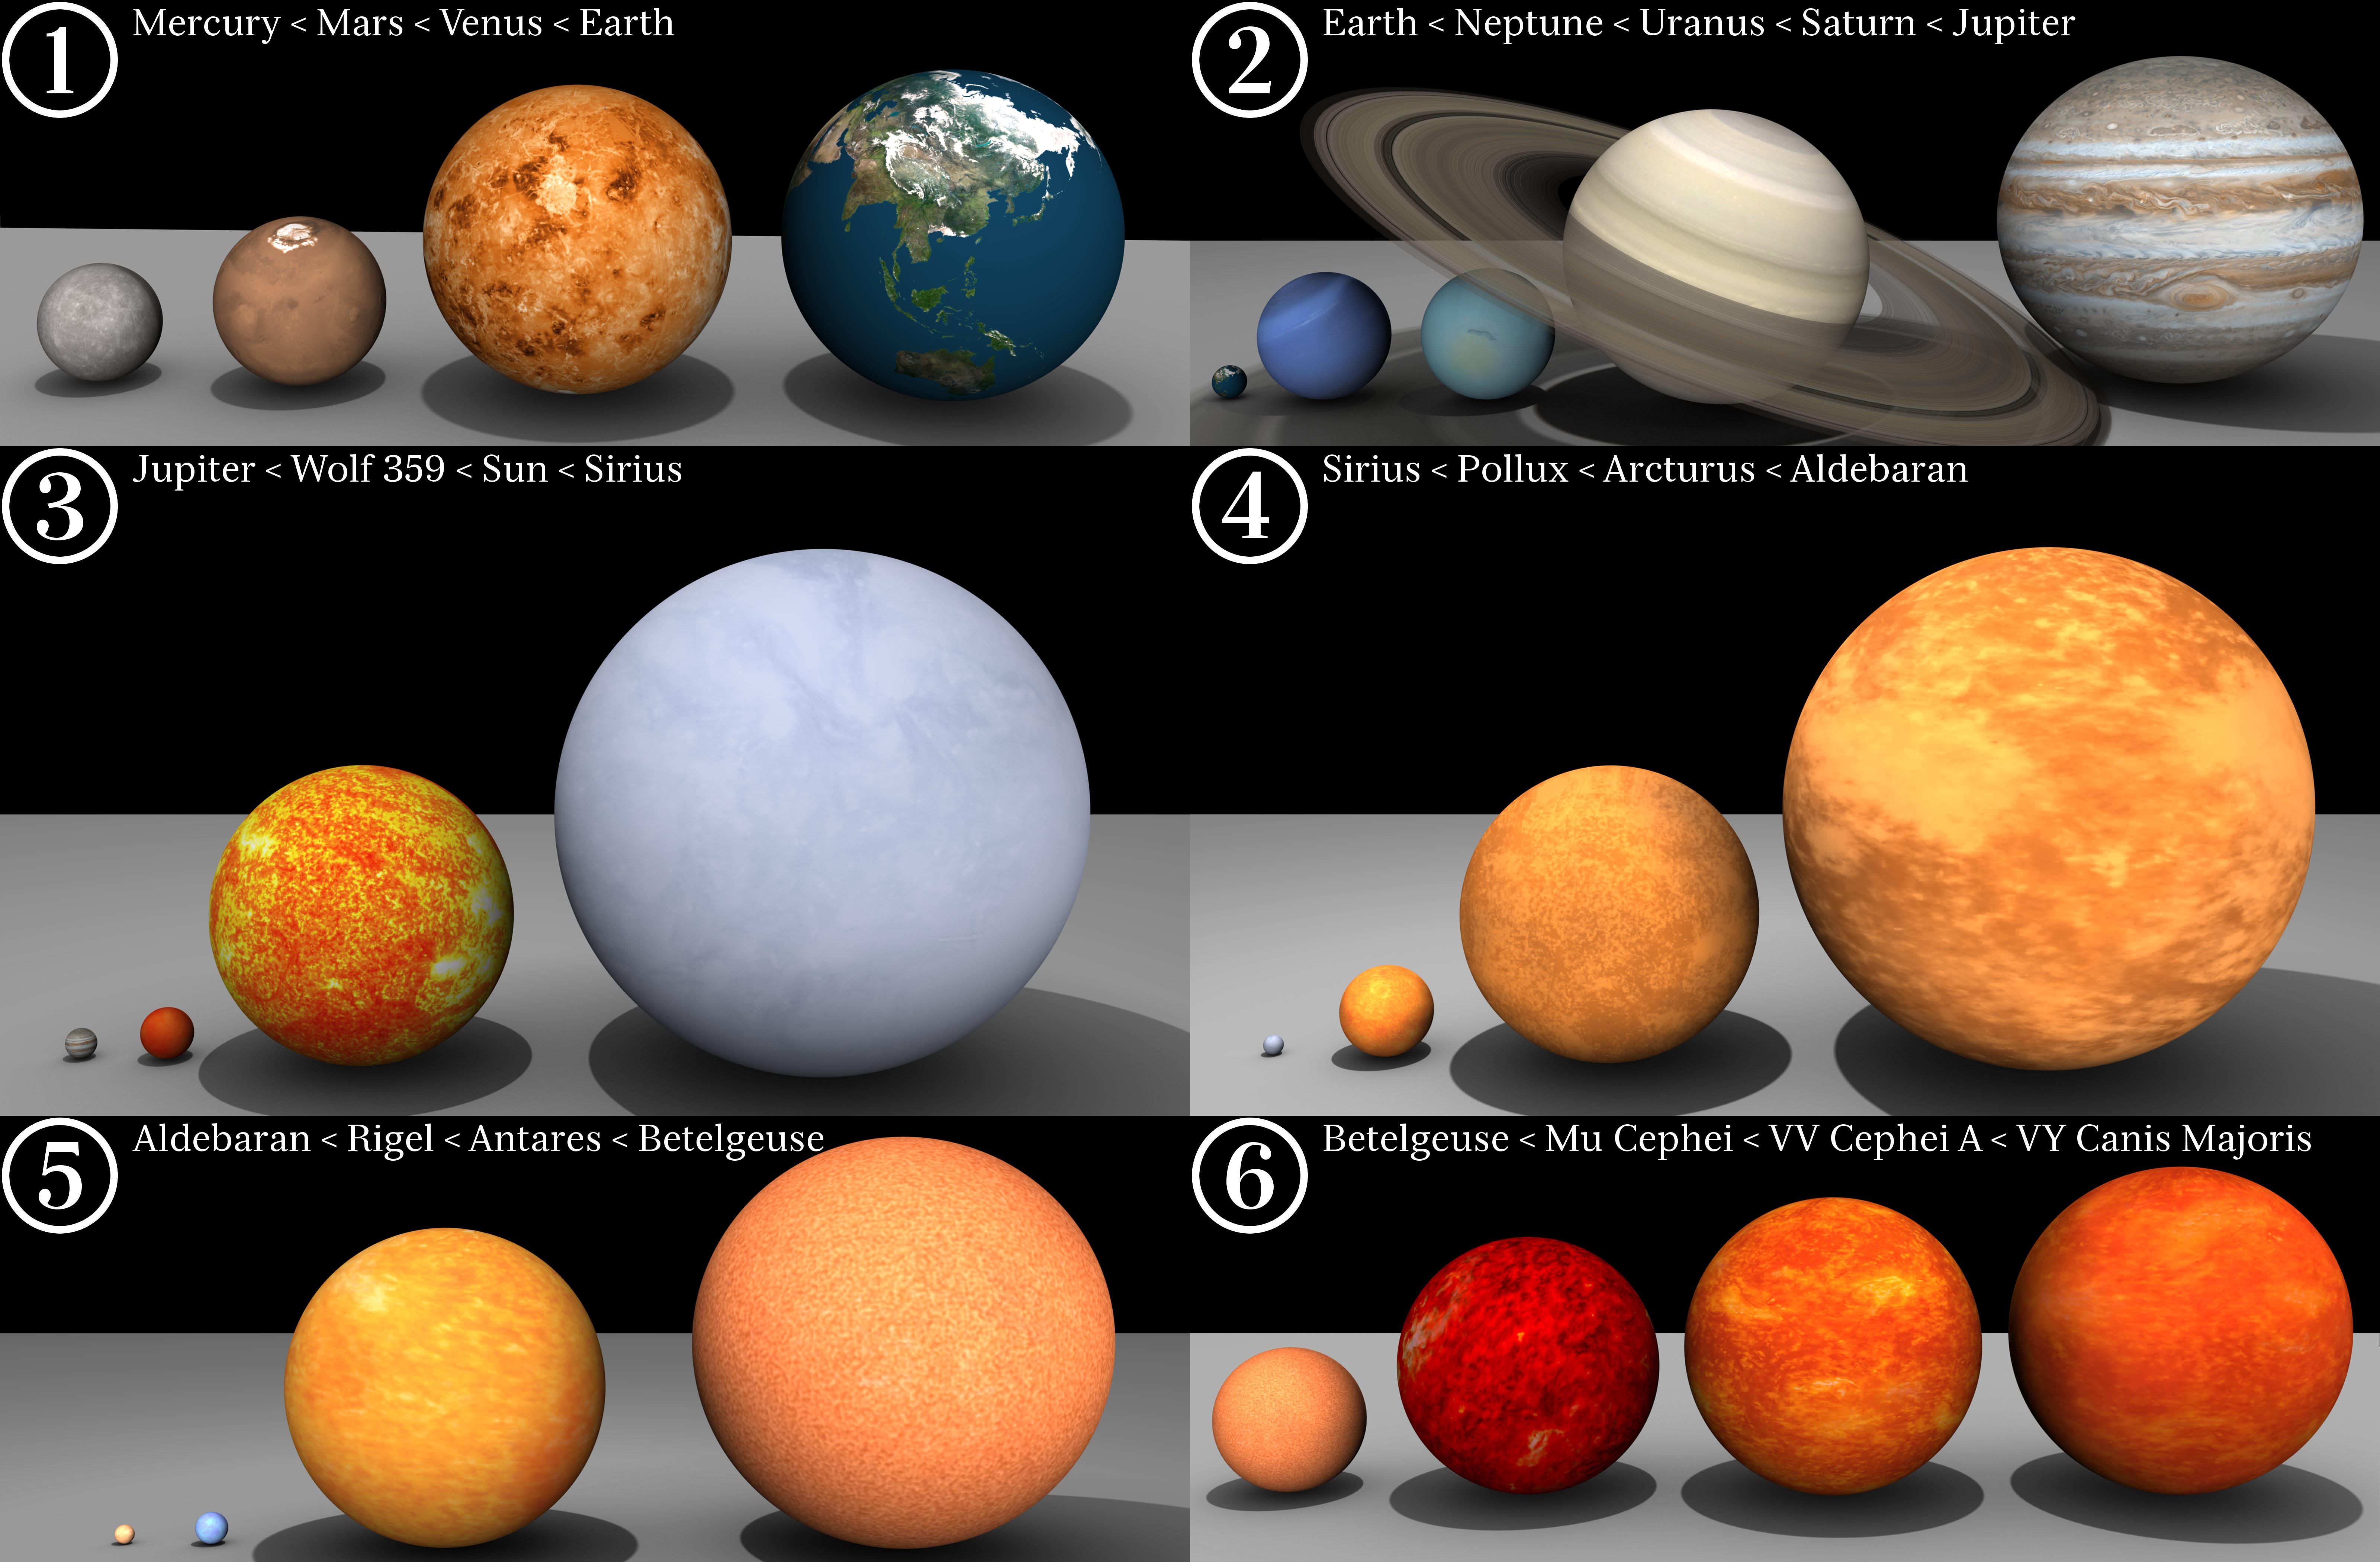 Güneş sistemi düzenini nasıl oluştururum